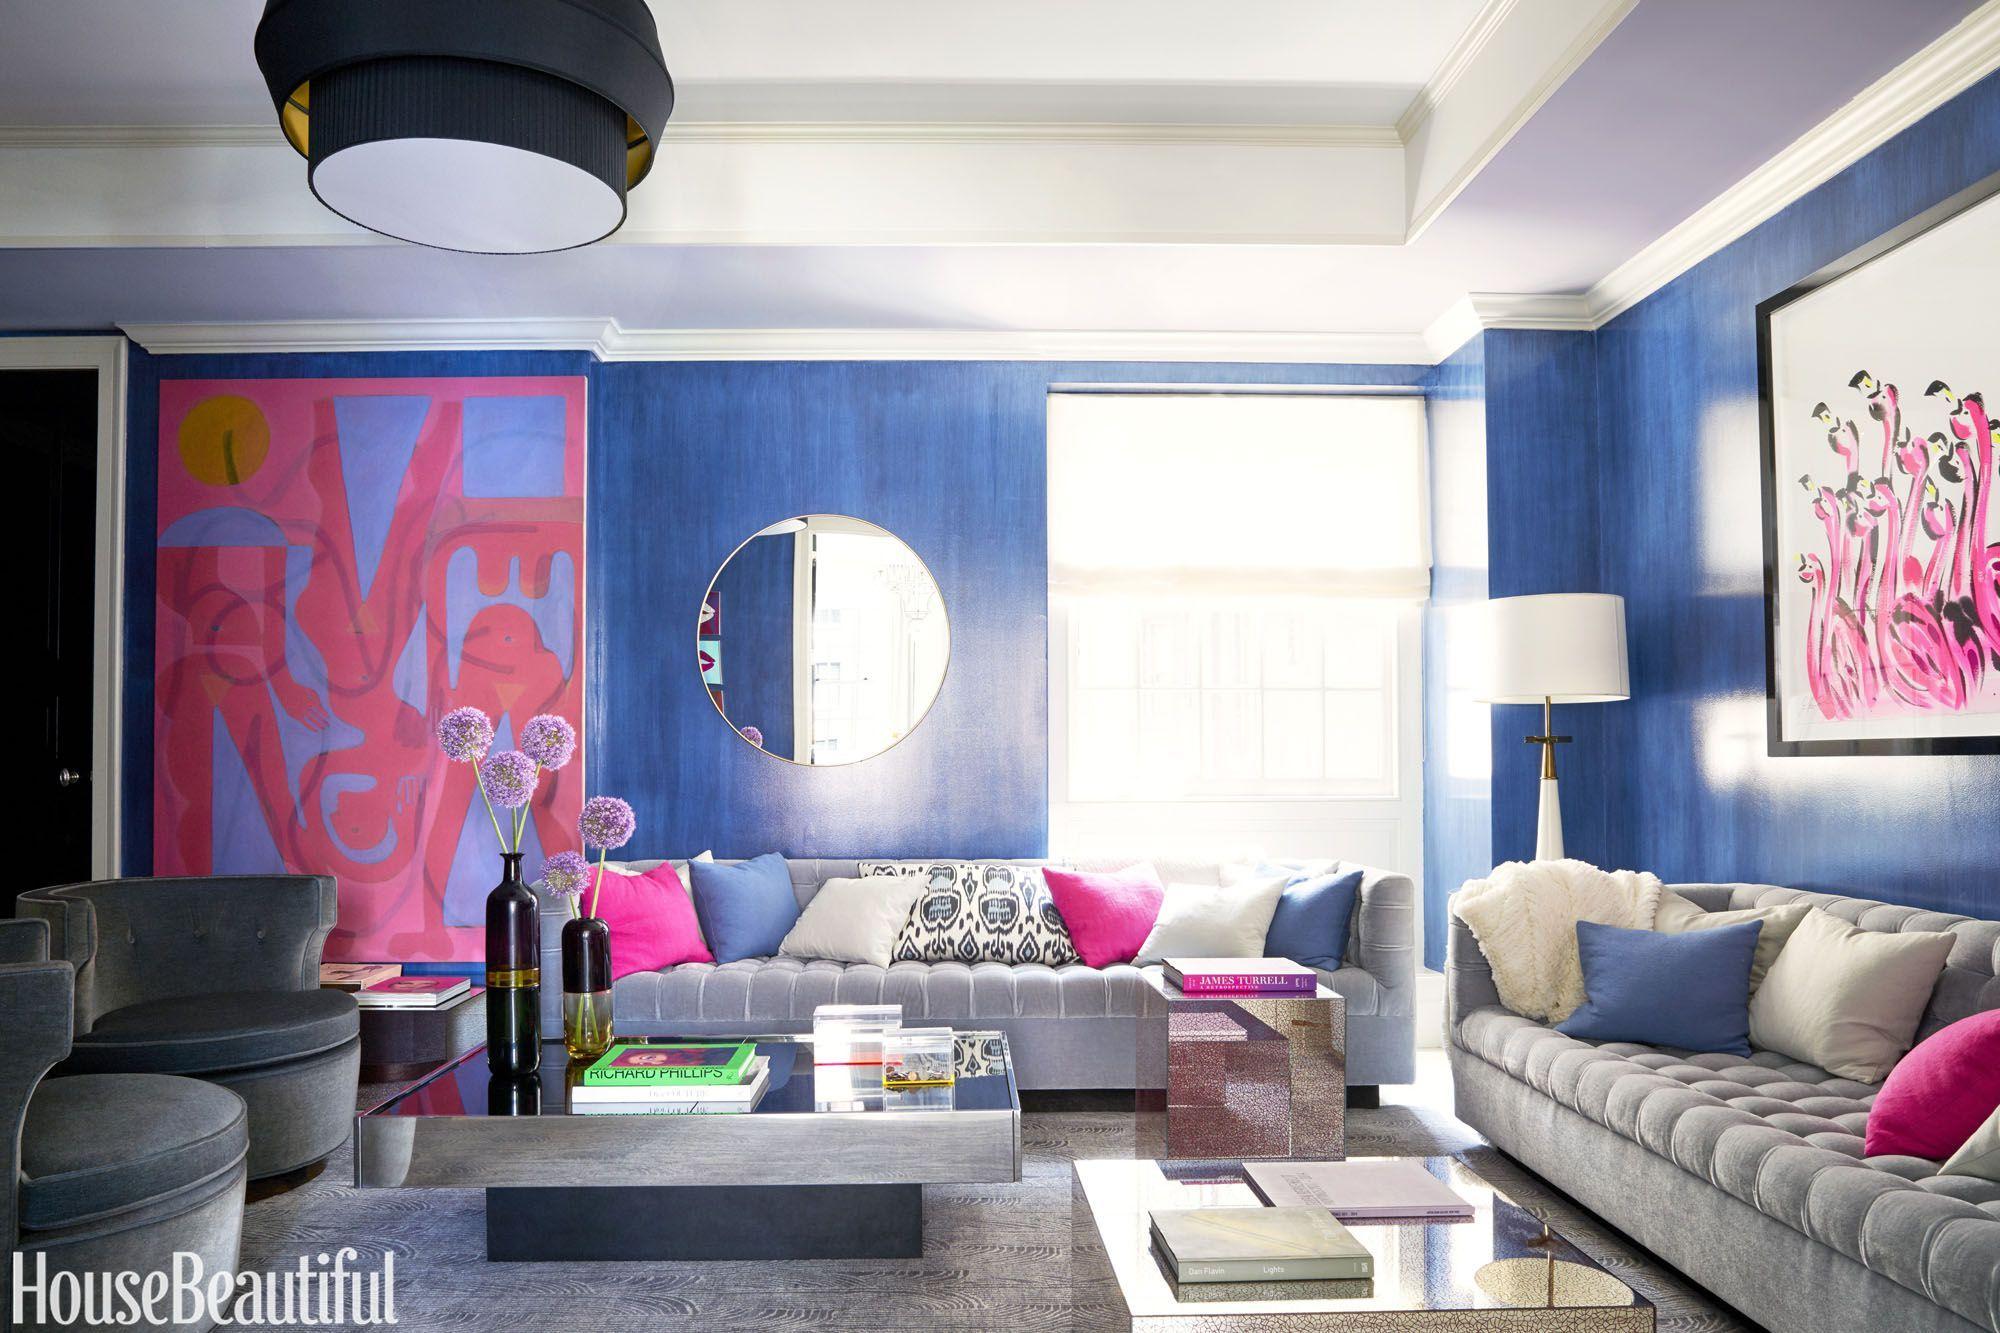 25 best living room color ideas top paint colors for living roomsliving room paint color ideas